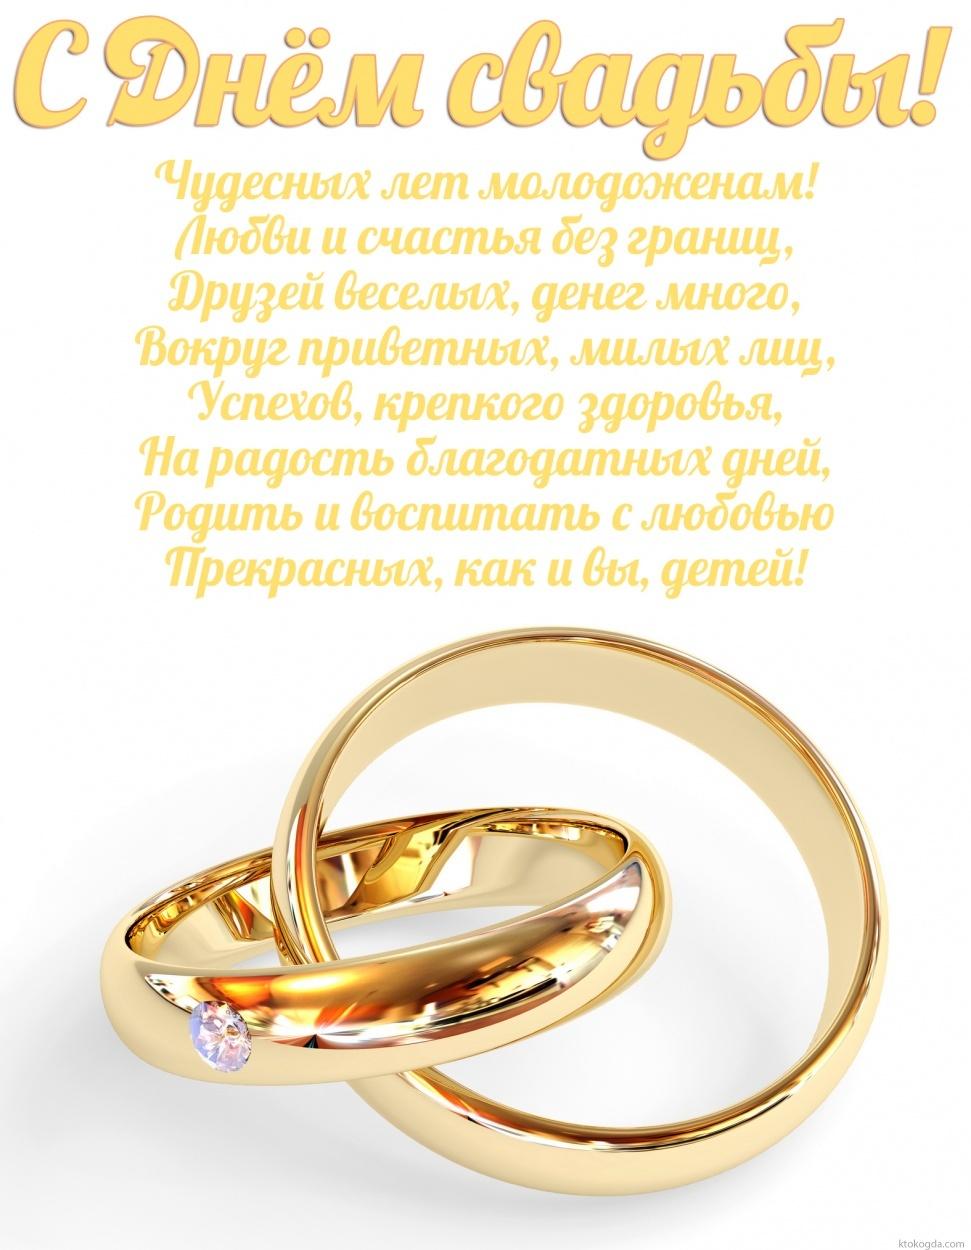 Поздравления со свадьбой в прозе коллеге мужчине